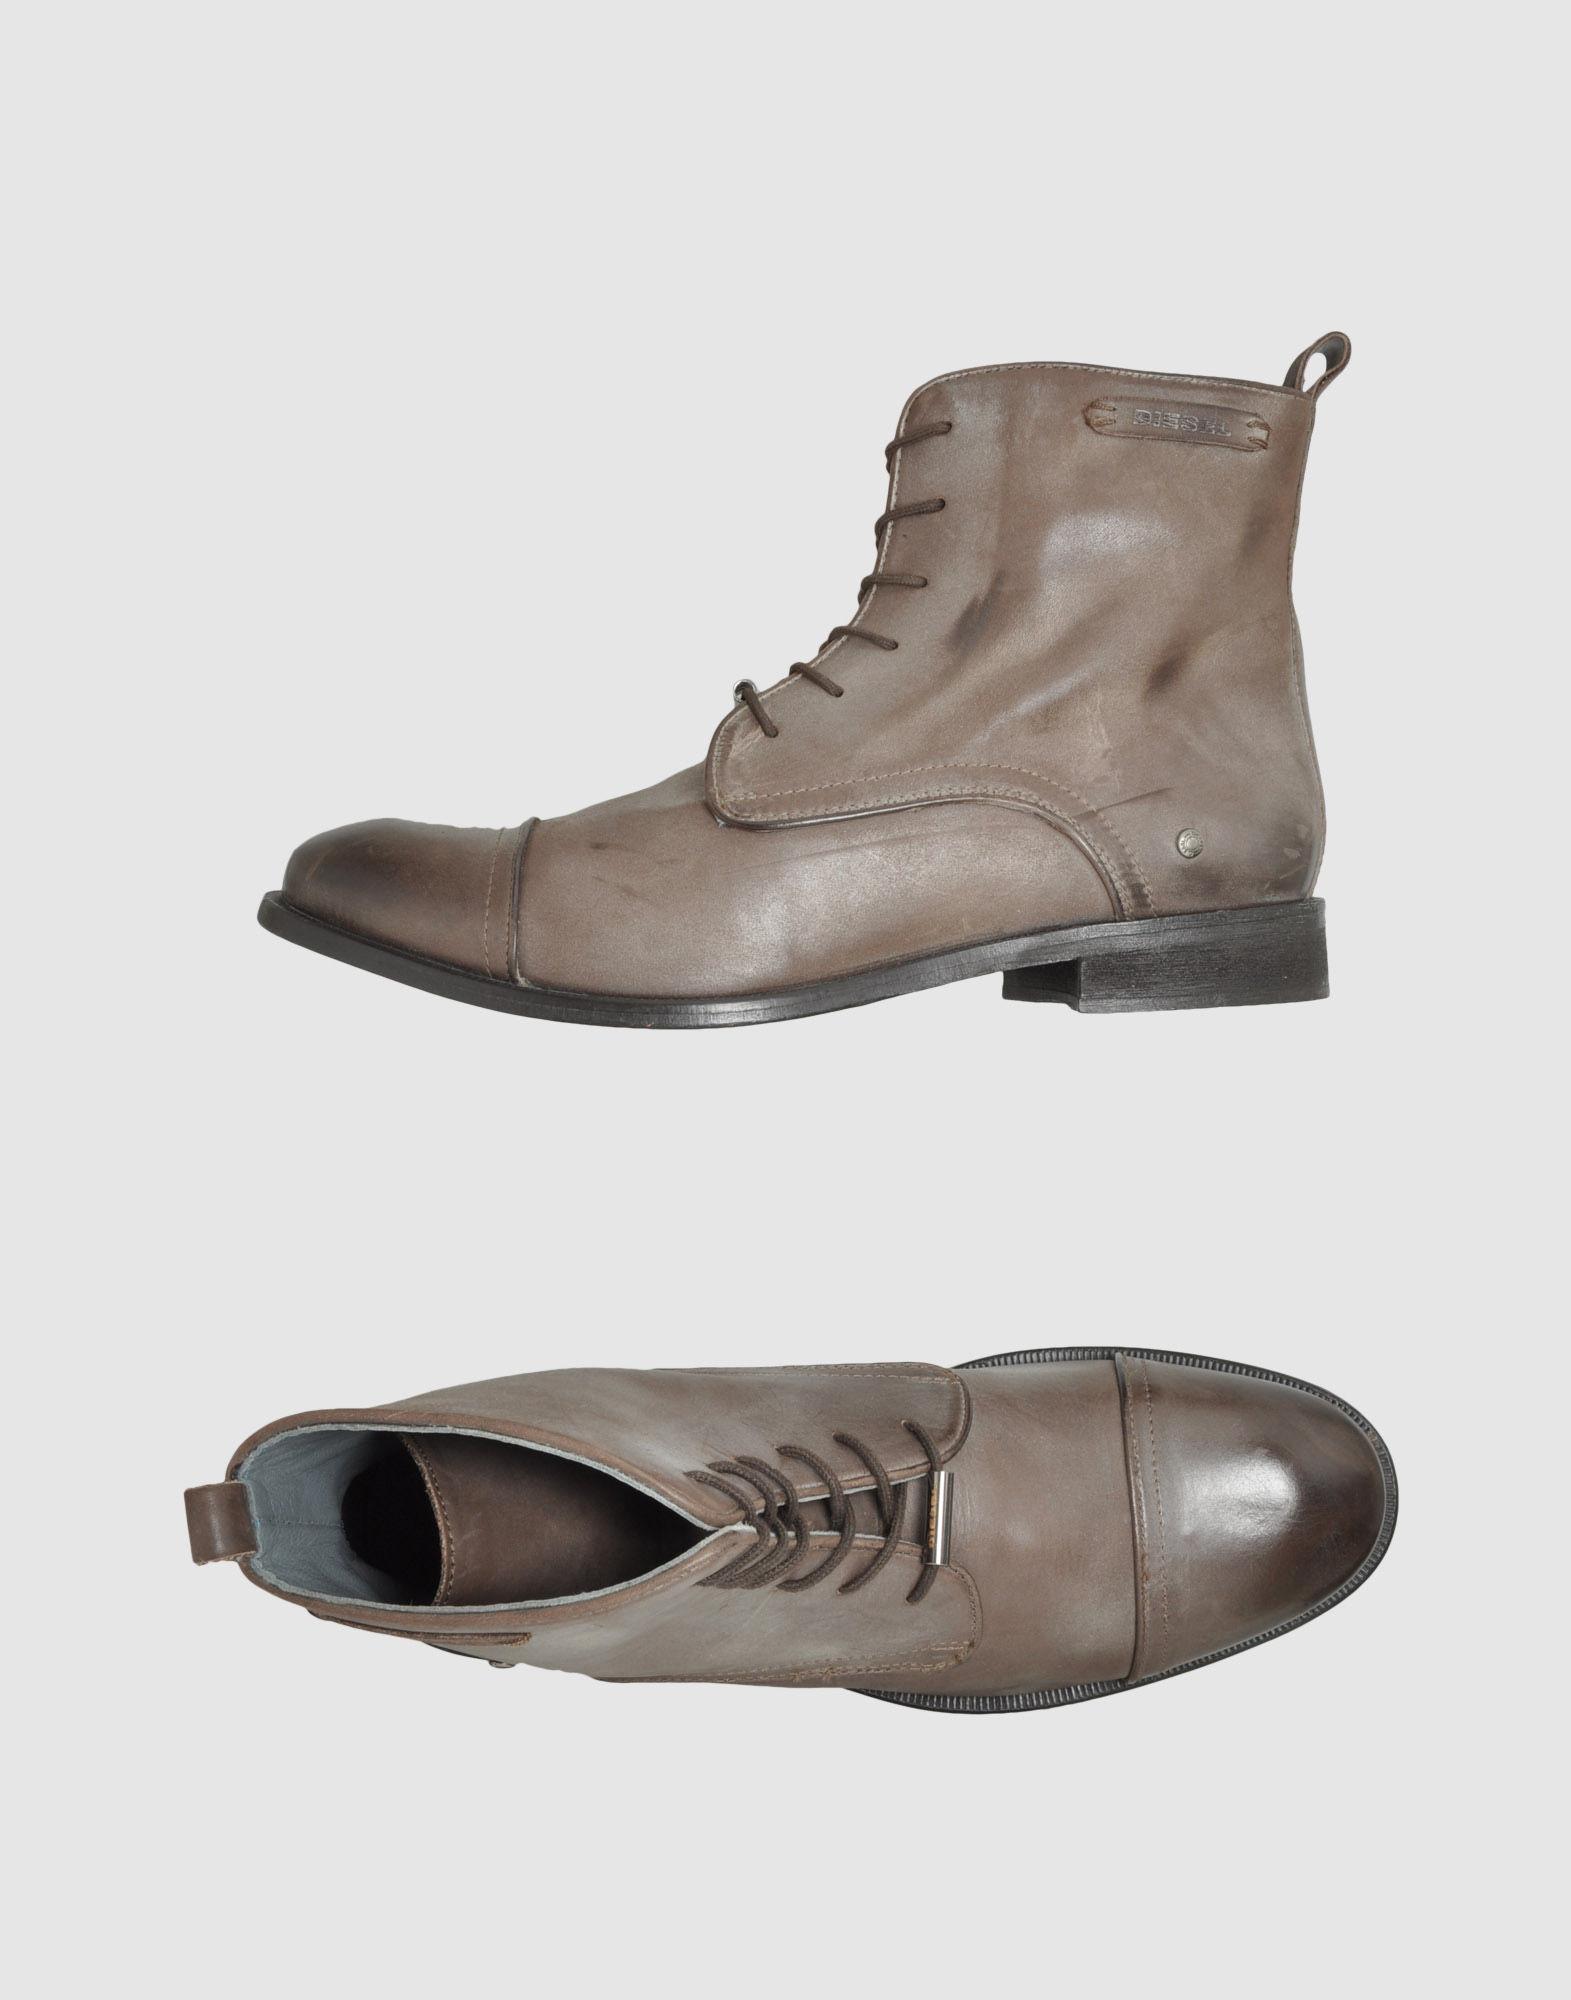 Diesel dress shoes for men